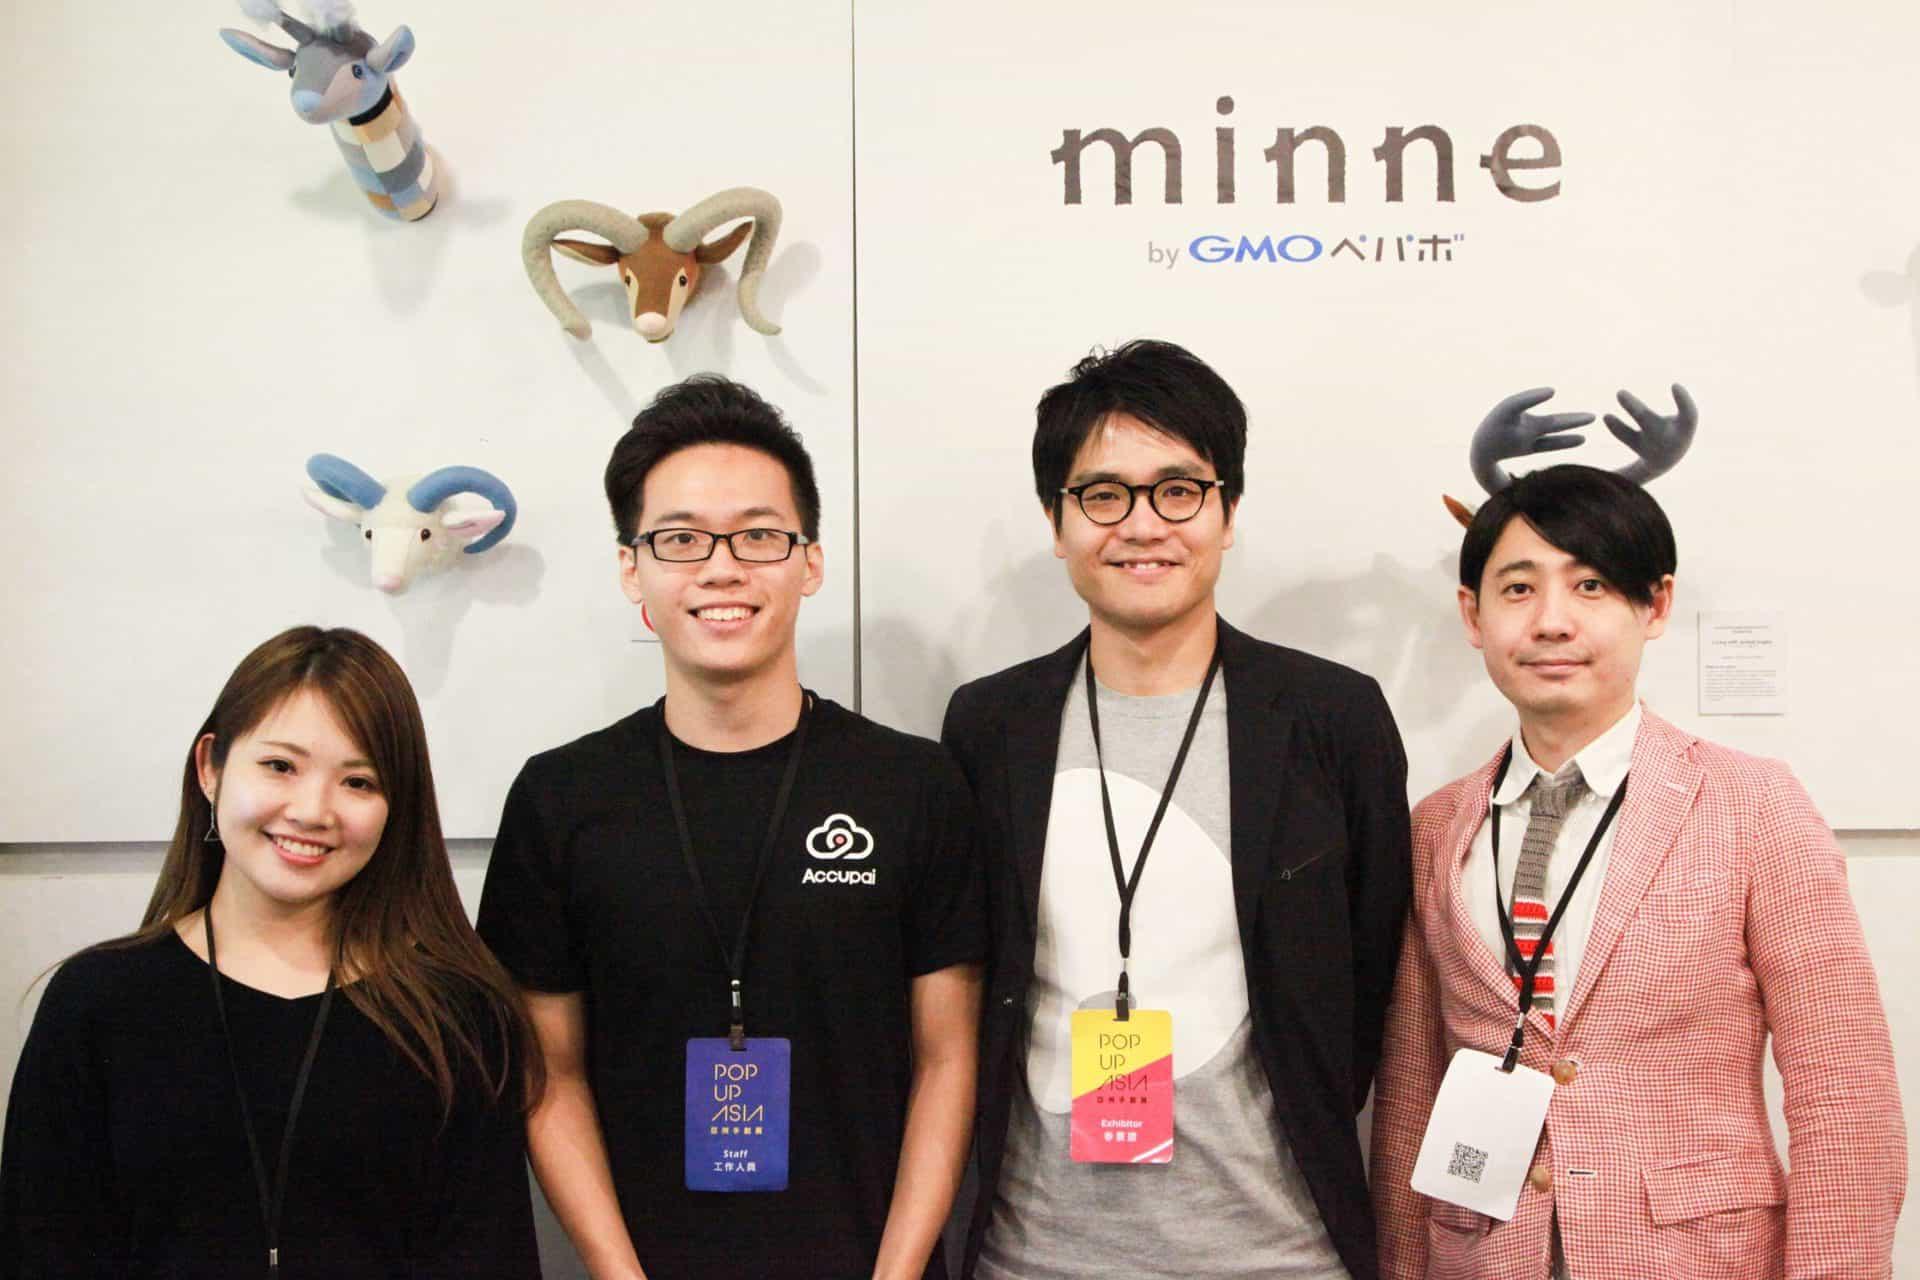 日本手創電商平台minne參與亞洲手創展現場